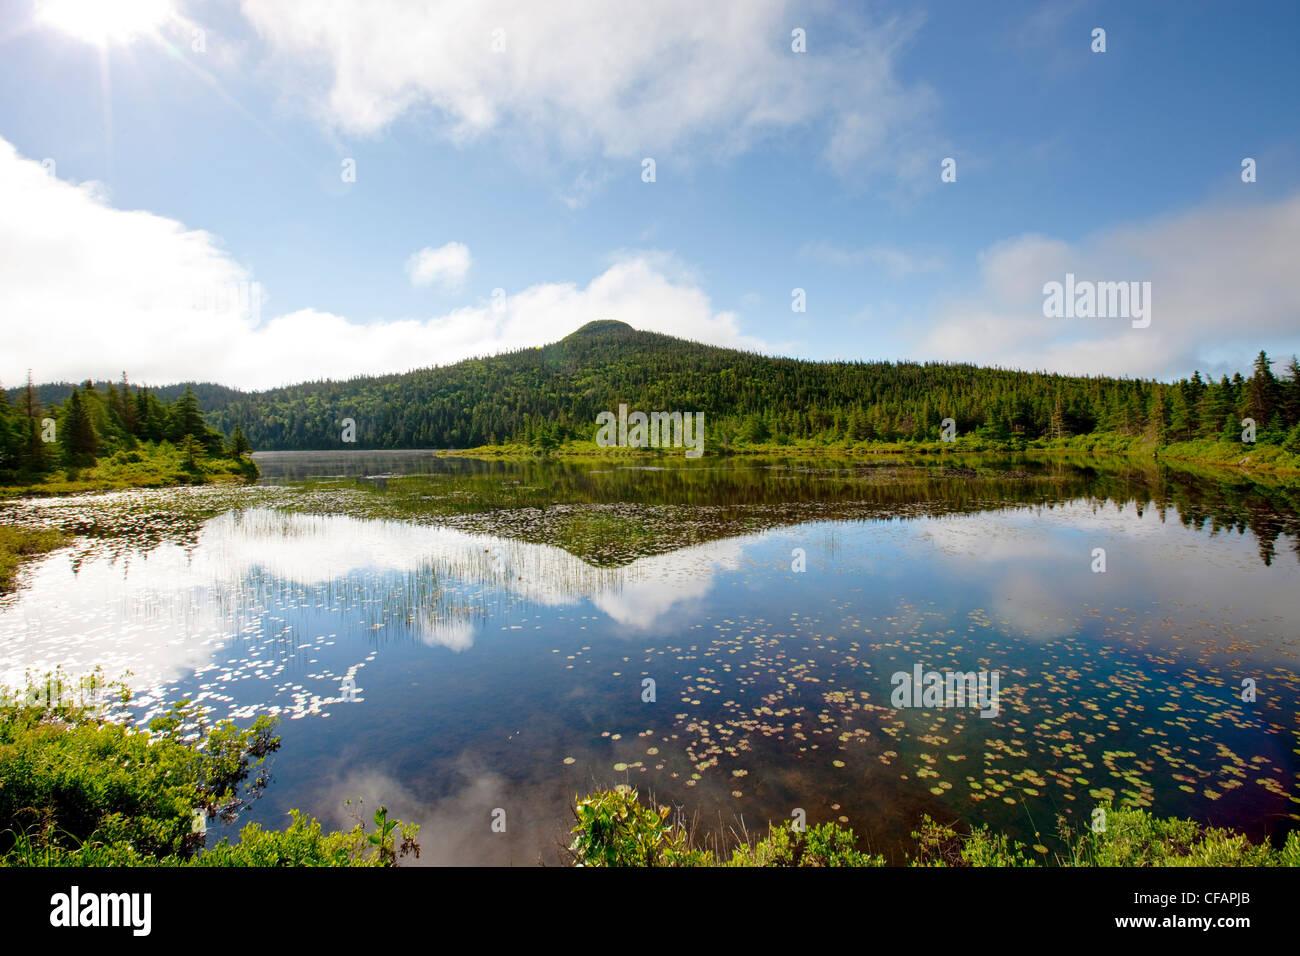 Teich im Frühling in der Nähe von Colbert es Bucht, Neufundland und Labrador, Kanada. Stockbild